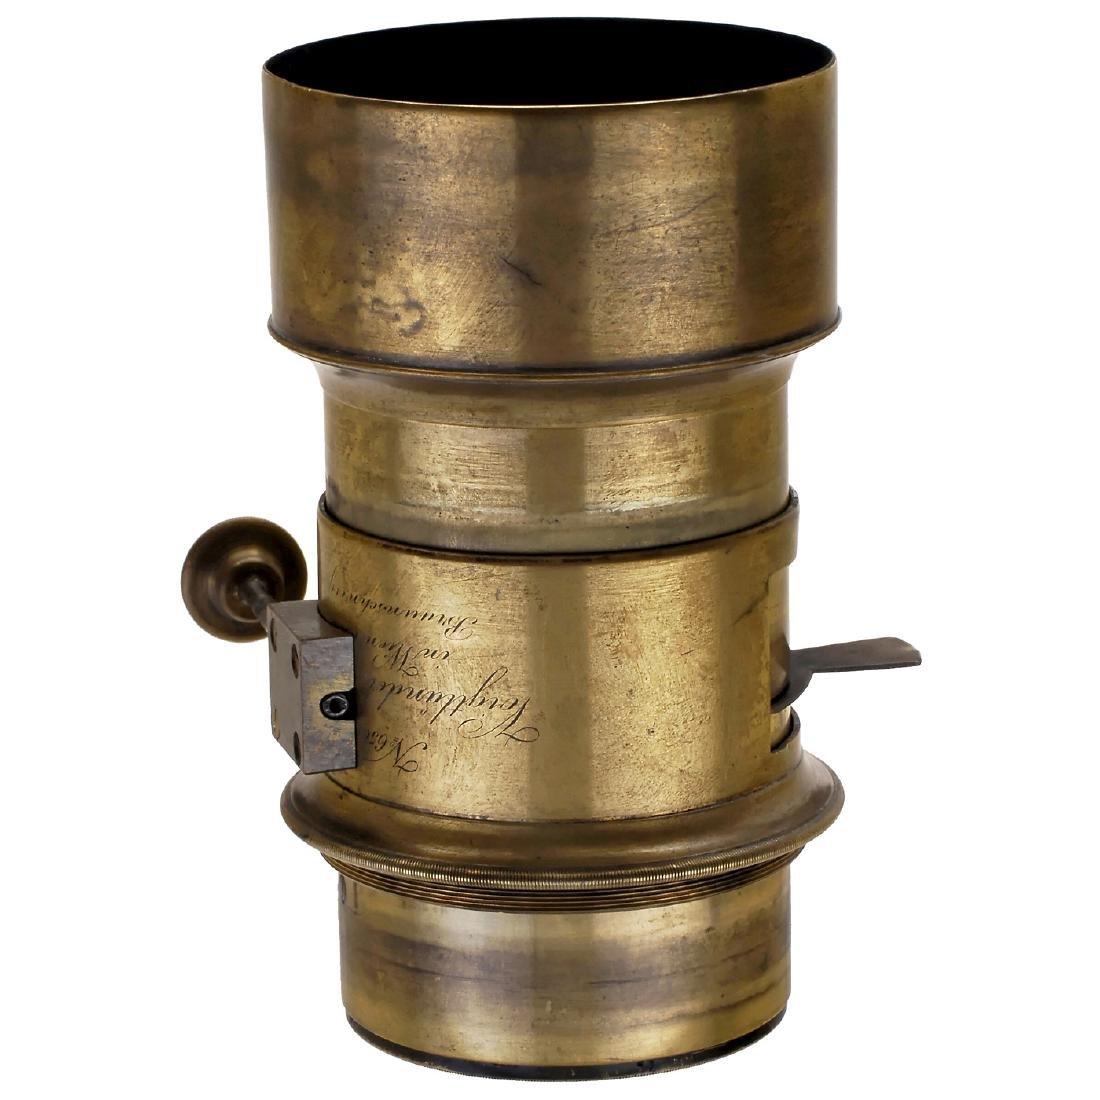 Stegemann Camera with Voigtländer Petzval-Type Lens of - 2